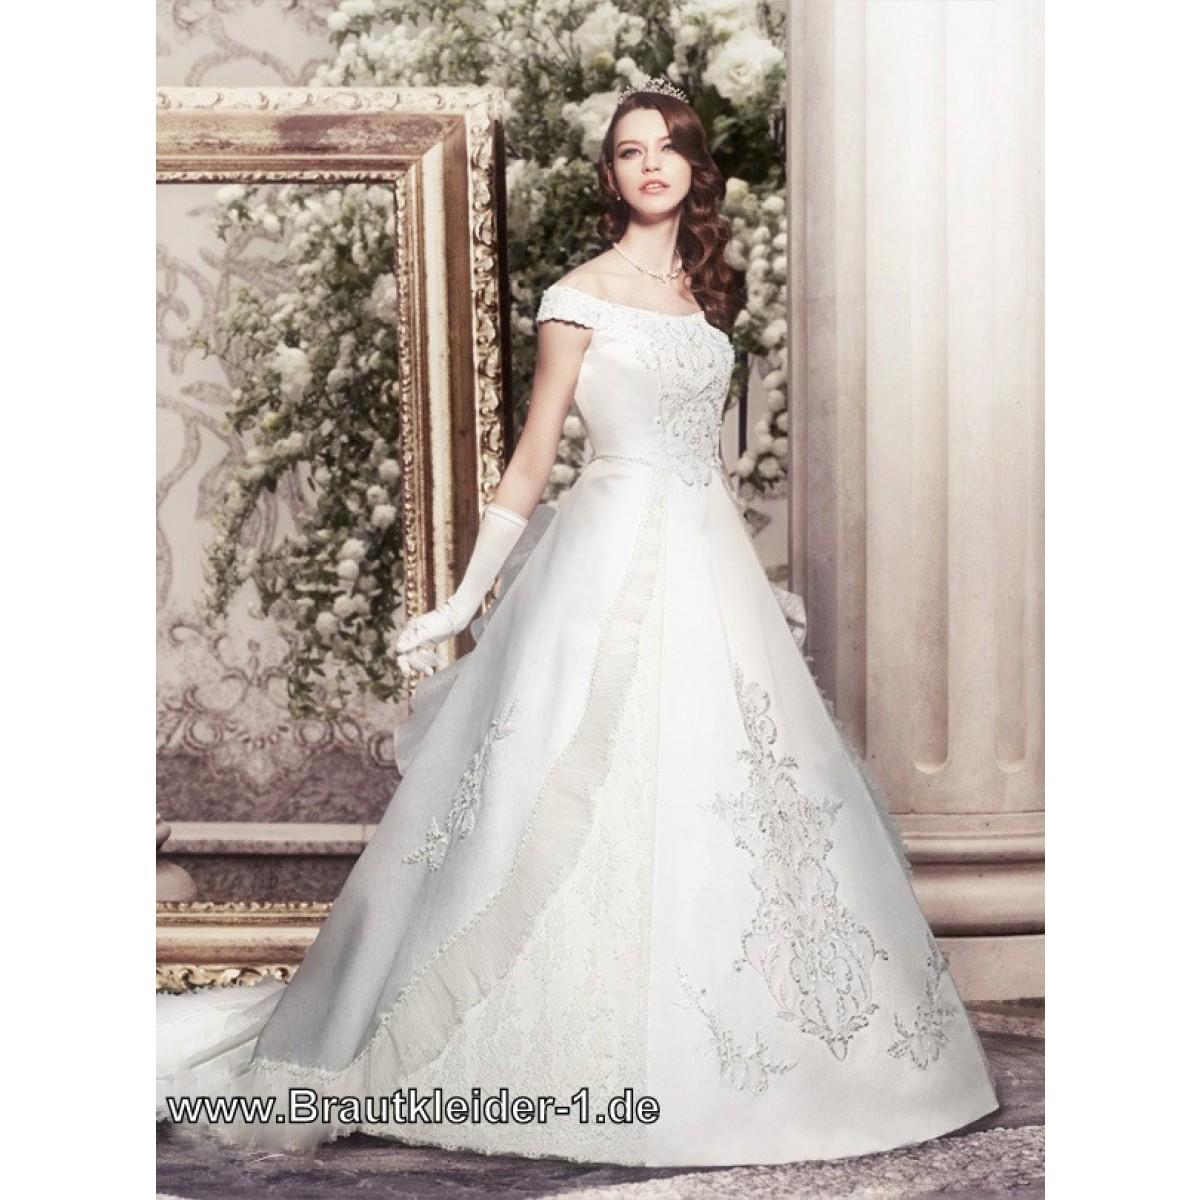 Brautkleider auf rechnung kaufen - Kundenbefragung ...